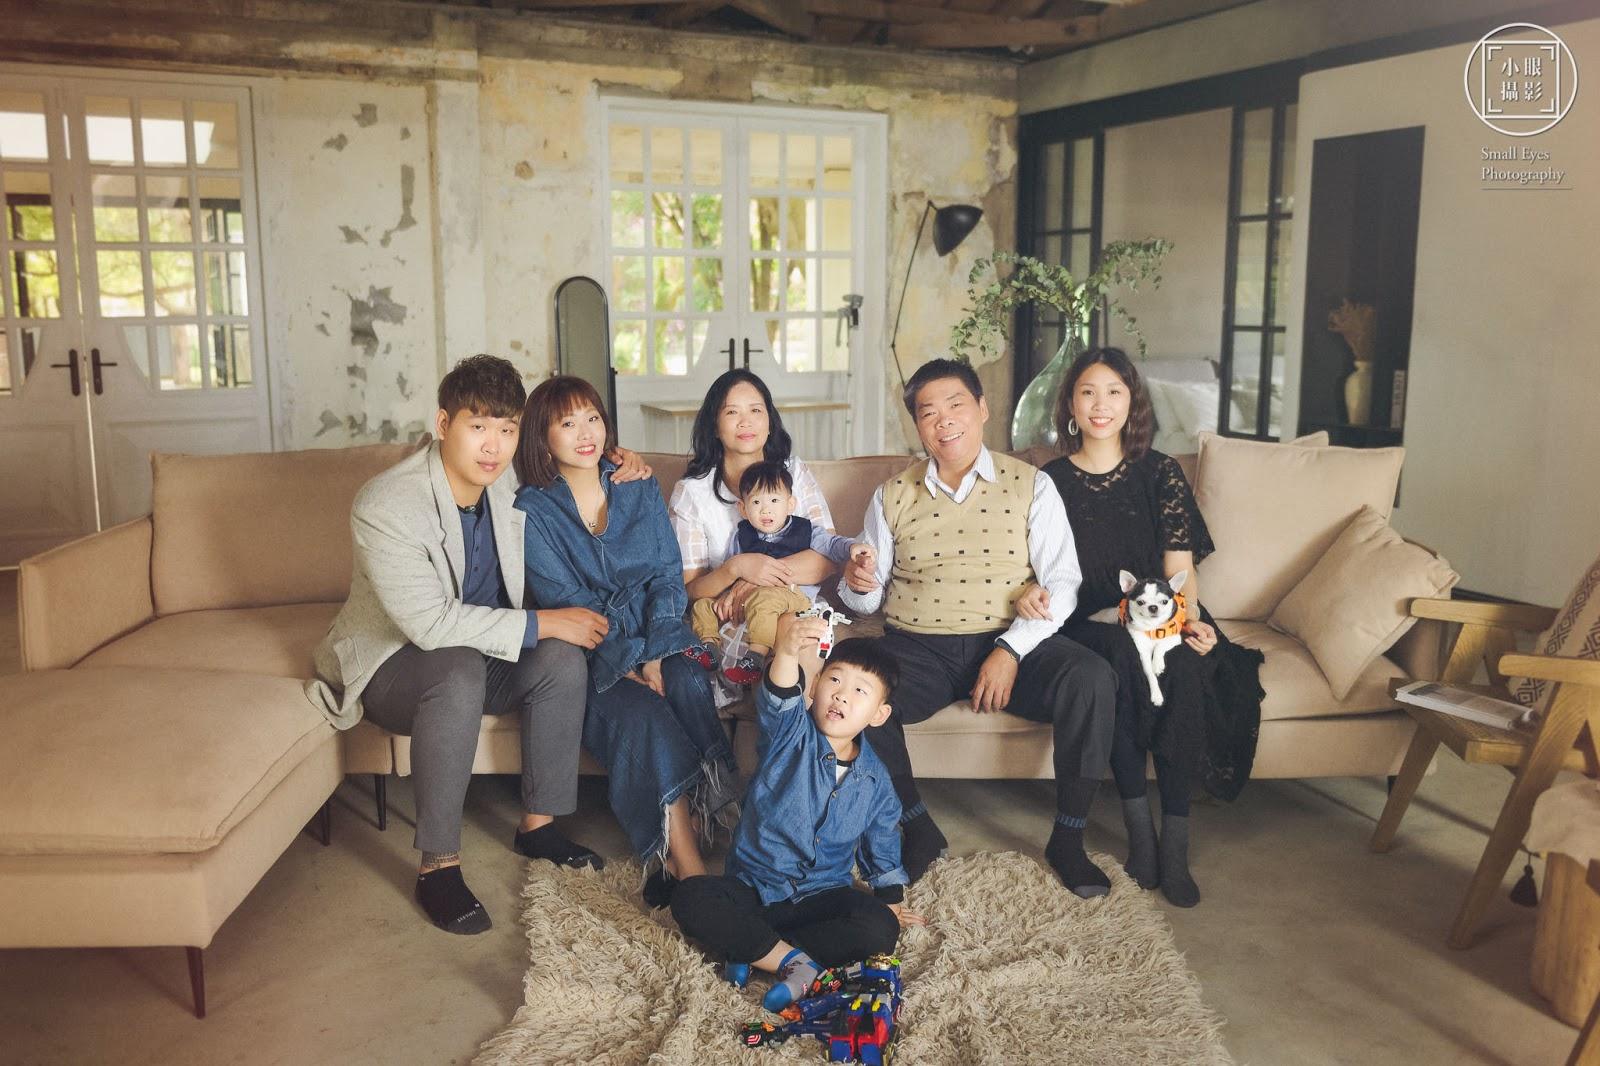 小眼攝影, 人像, 全家福, 家庭寫真, 婚紗攝影, ATTIC80,陽明山,攝影棚,老夫老妻,三代同堂,家族寫真,